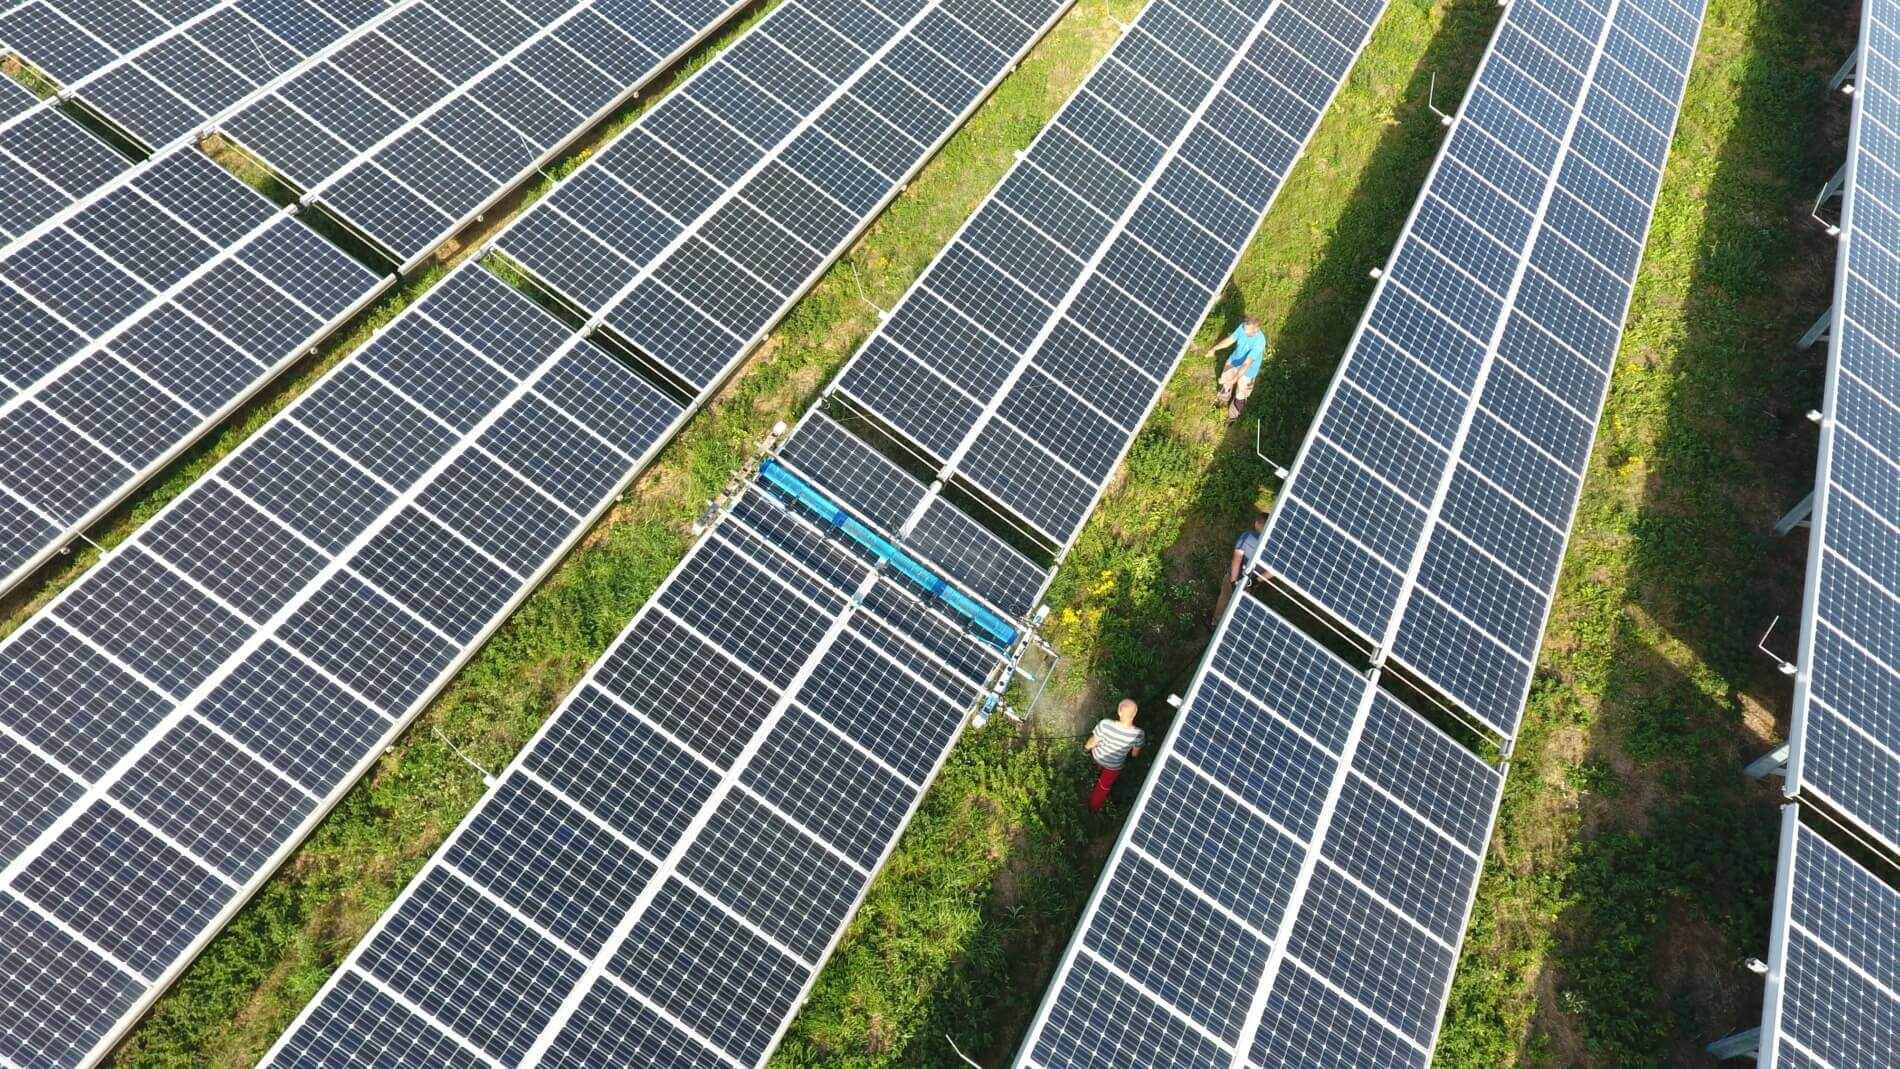 BDEW unterstützt Forderung zur Abschaffung des 52 GW-Deckels